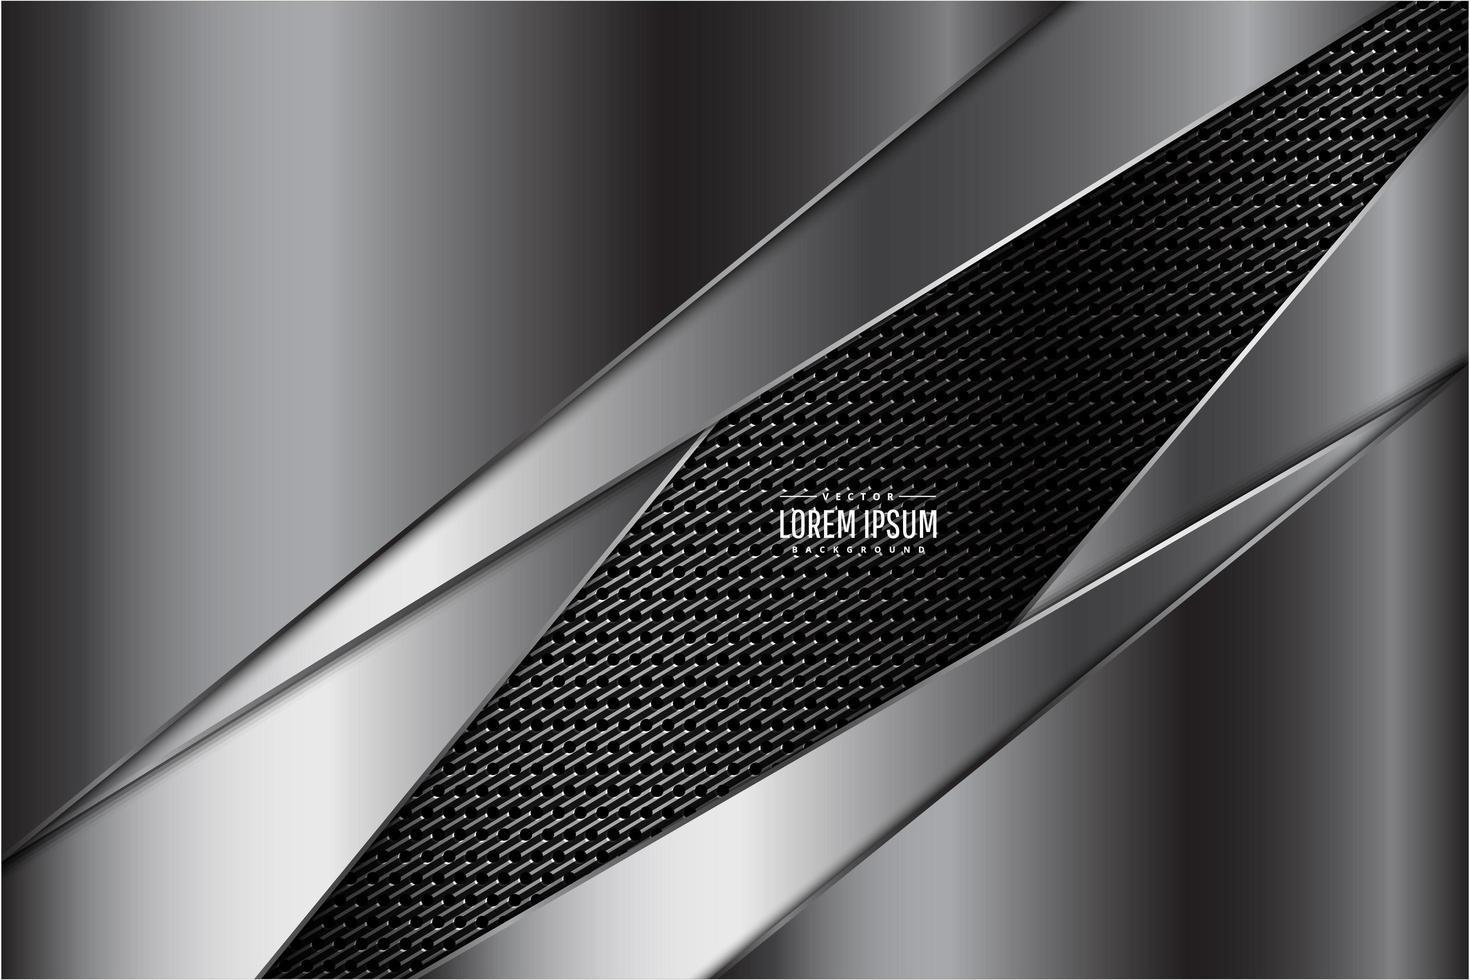 couches métalliques grises sur texture sombre vecteur